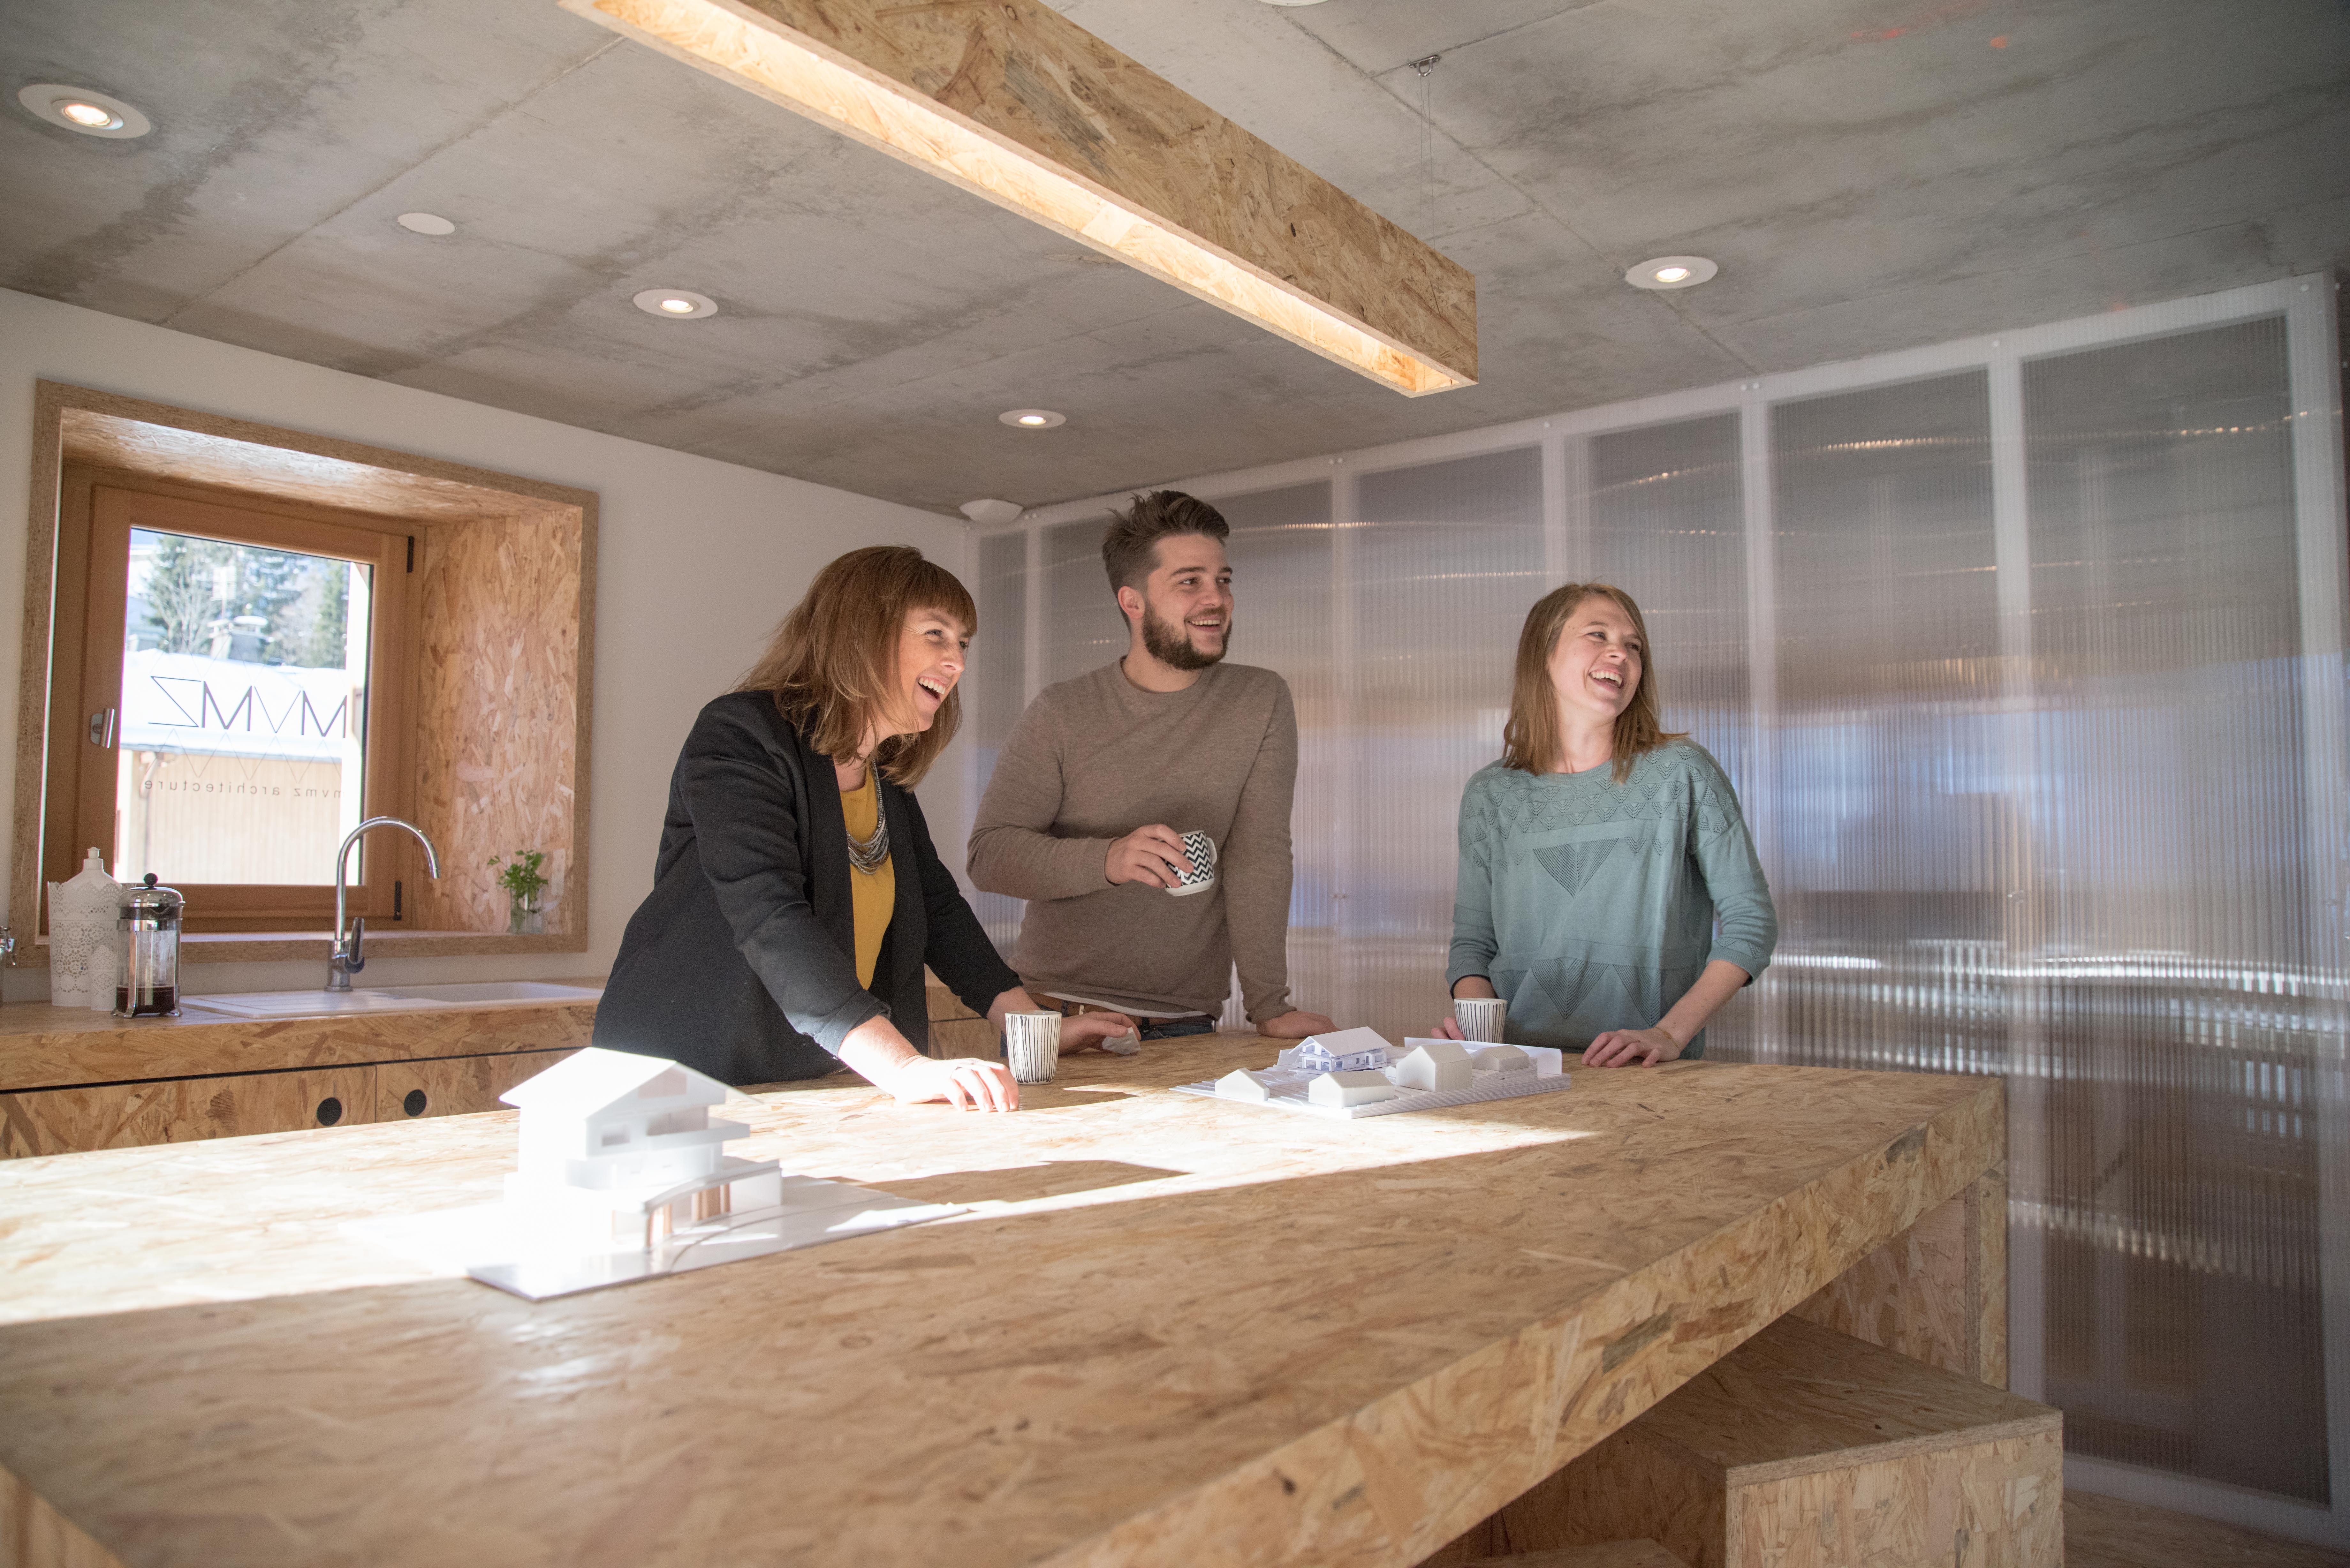 Cabinet architecture MVMZ